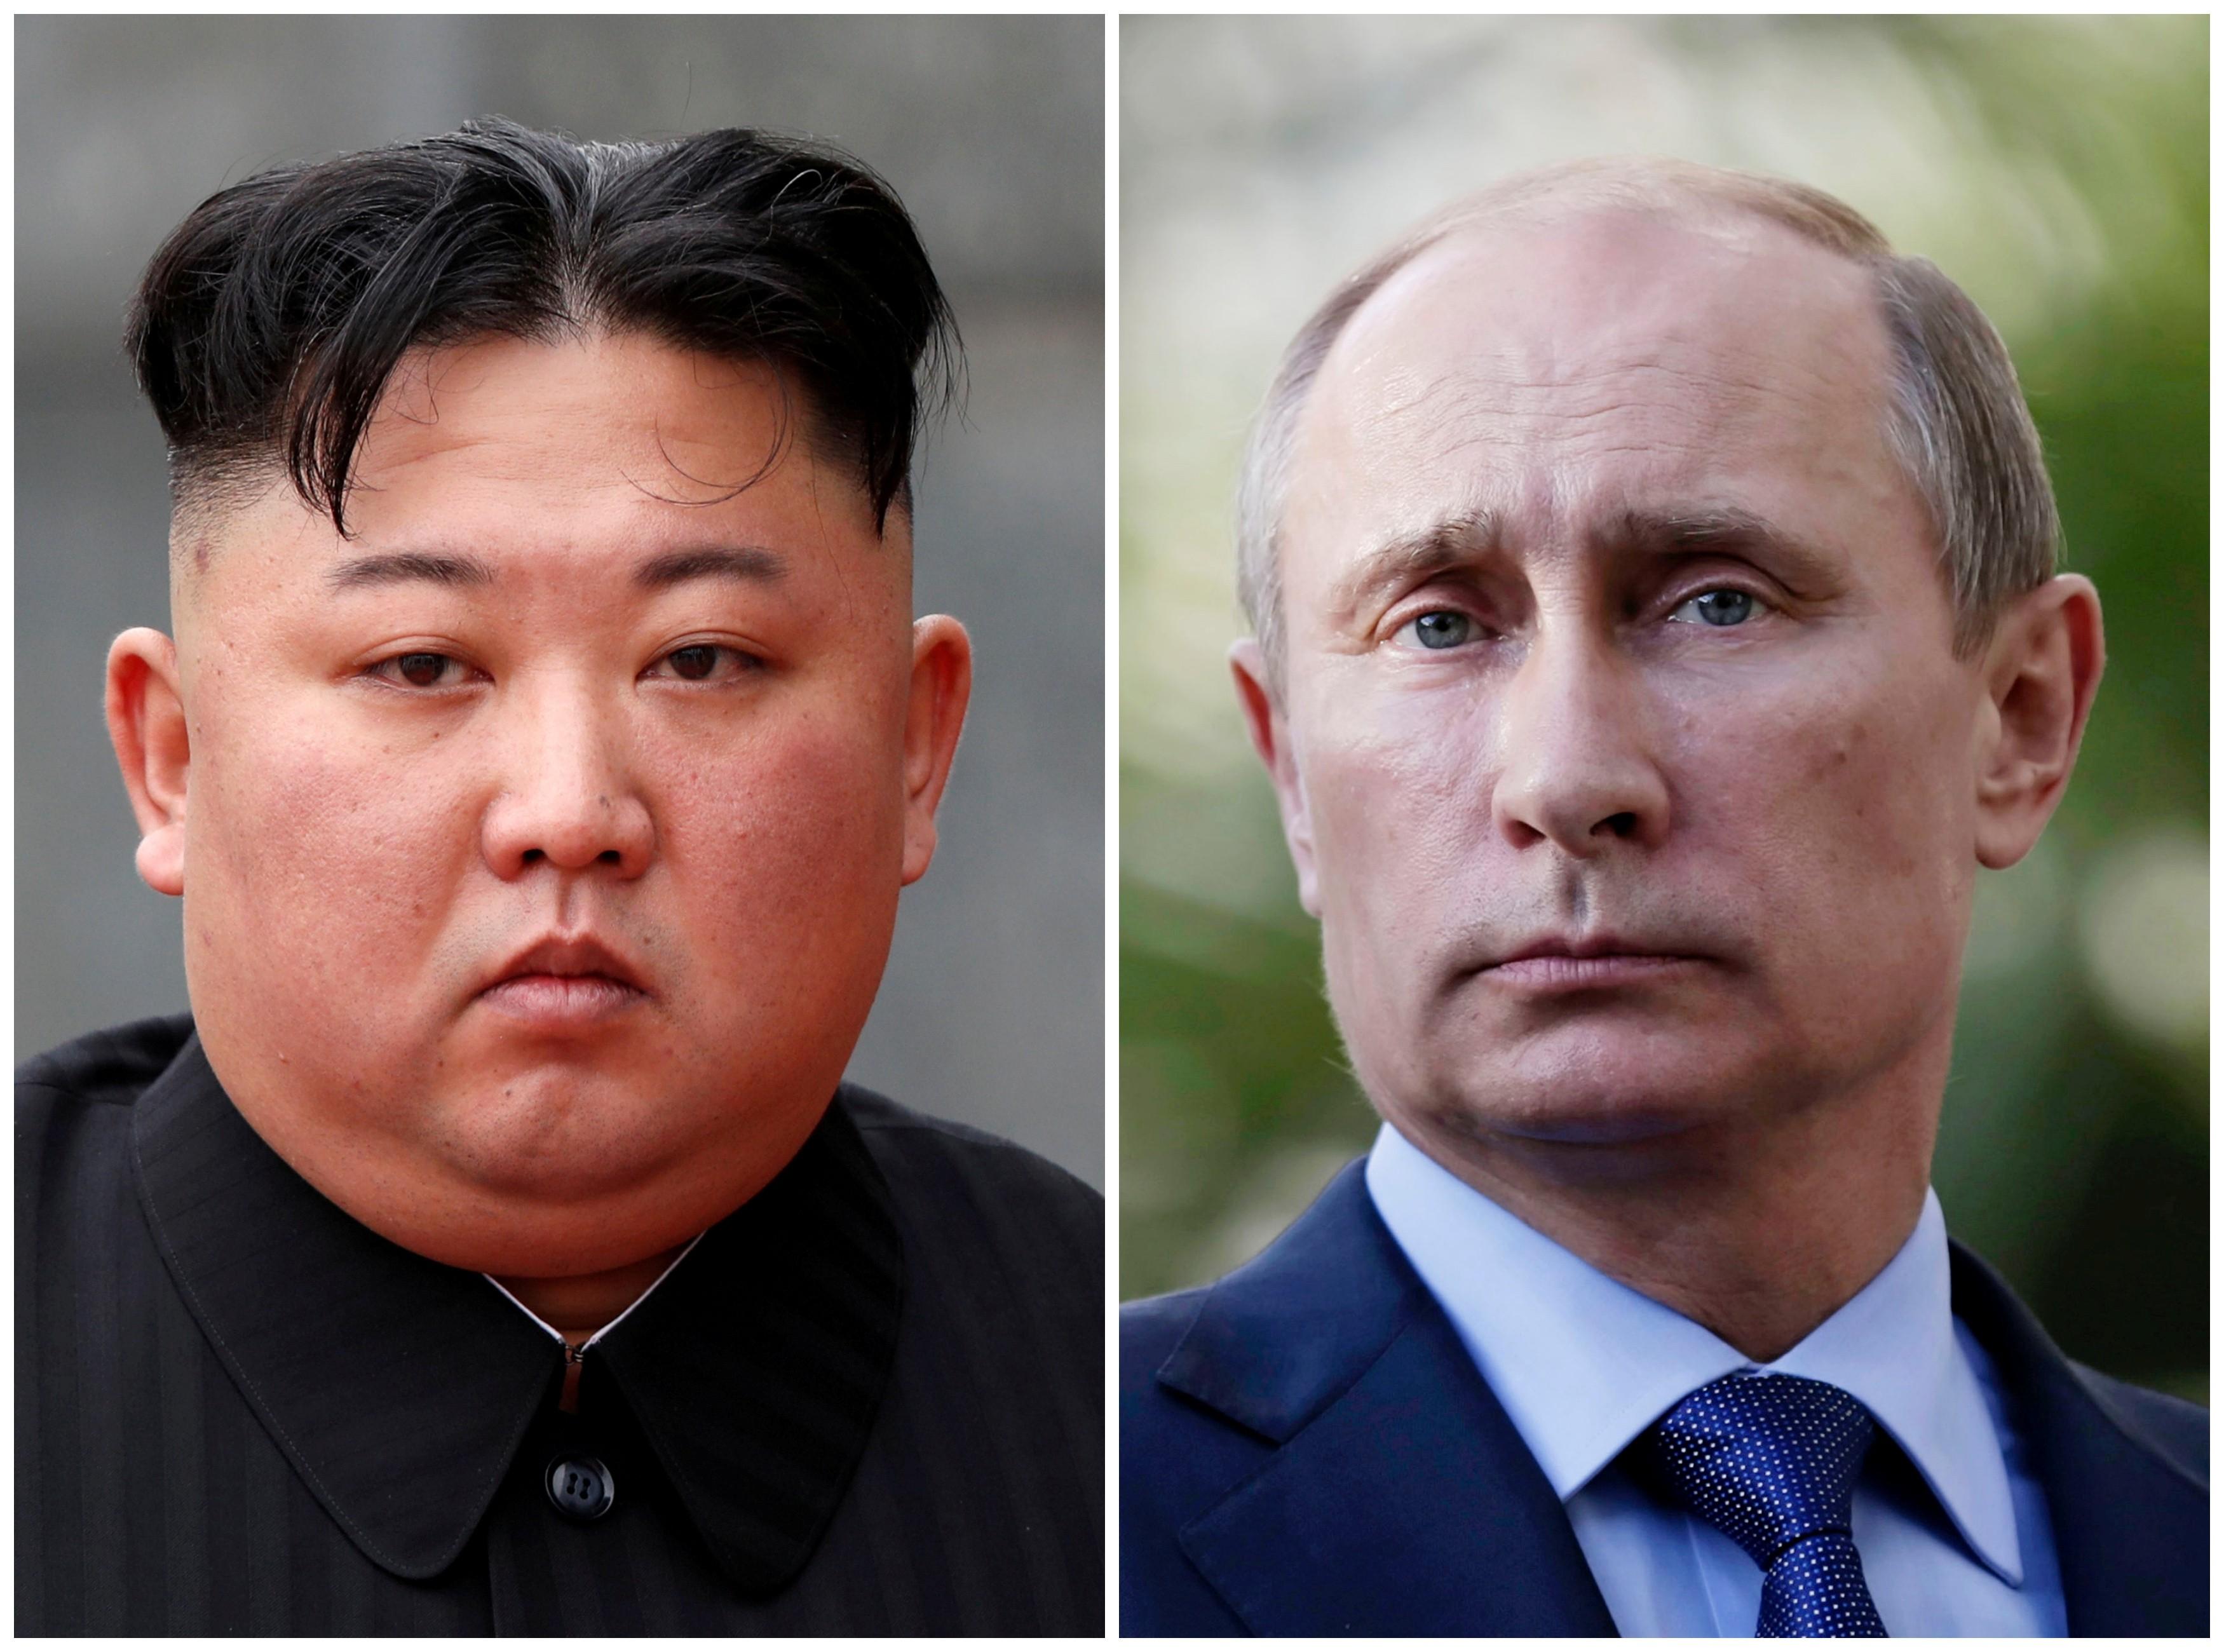 Coreia do Norte confirma visita de Kim Jong-un à Rússia para reunião com Vladimir Putin